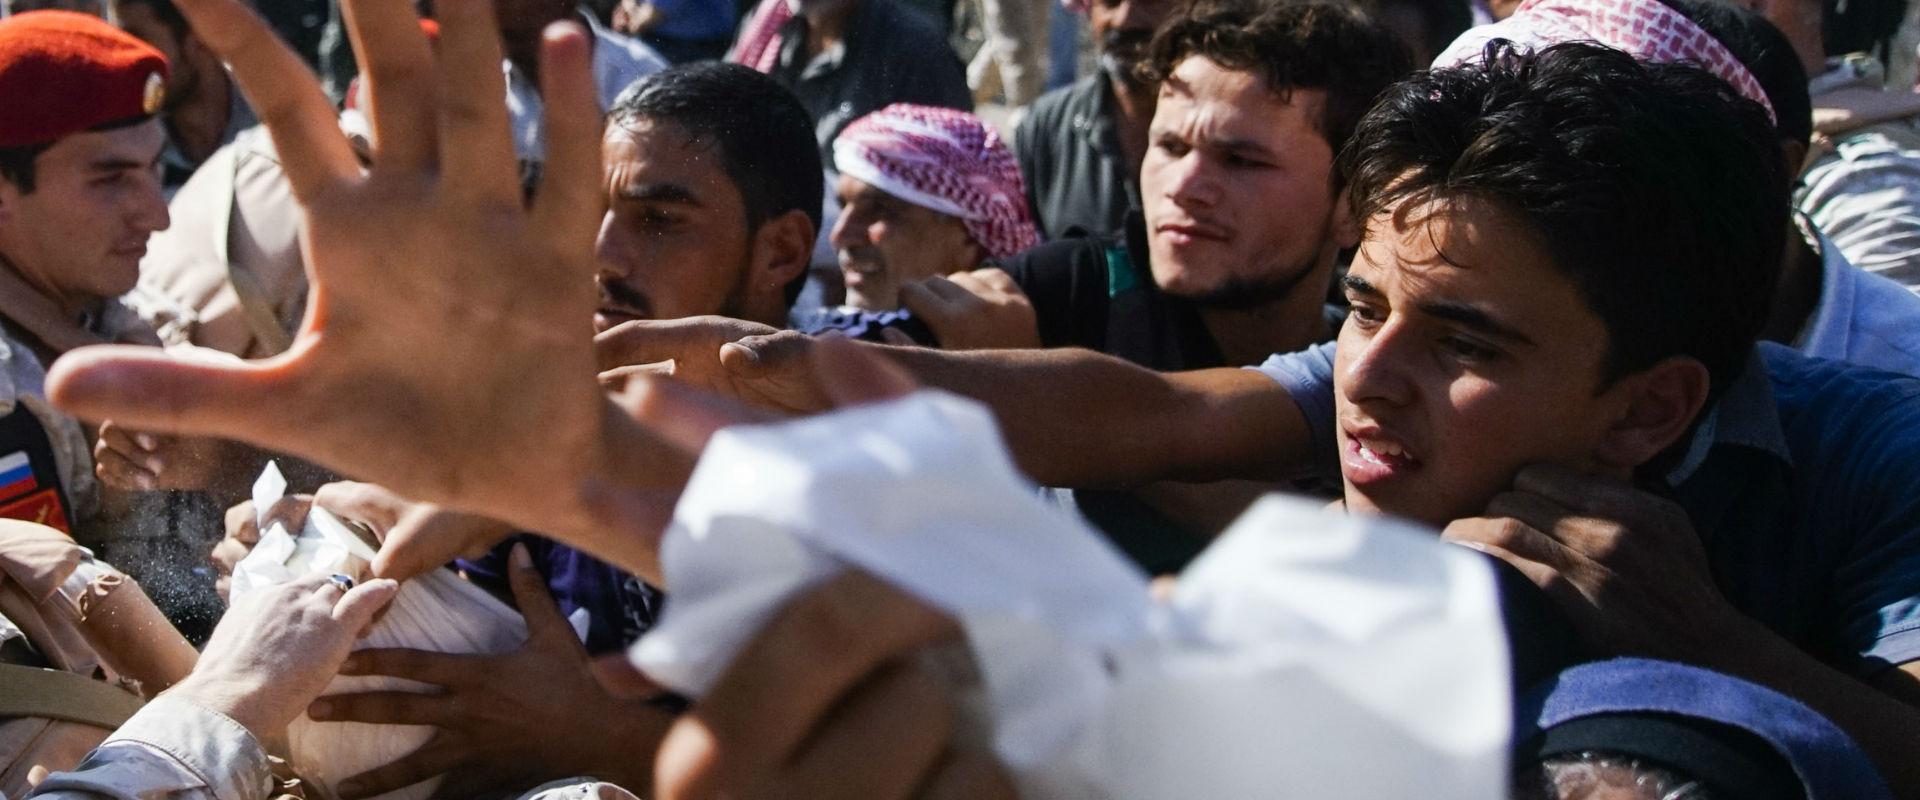 סיוע הומניטרי בסוריה